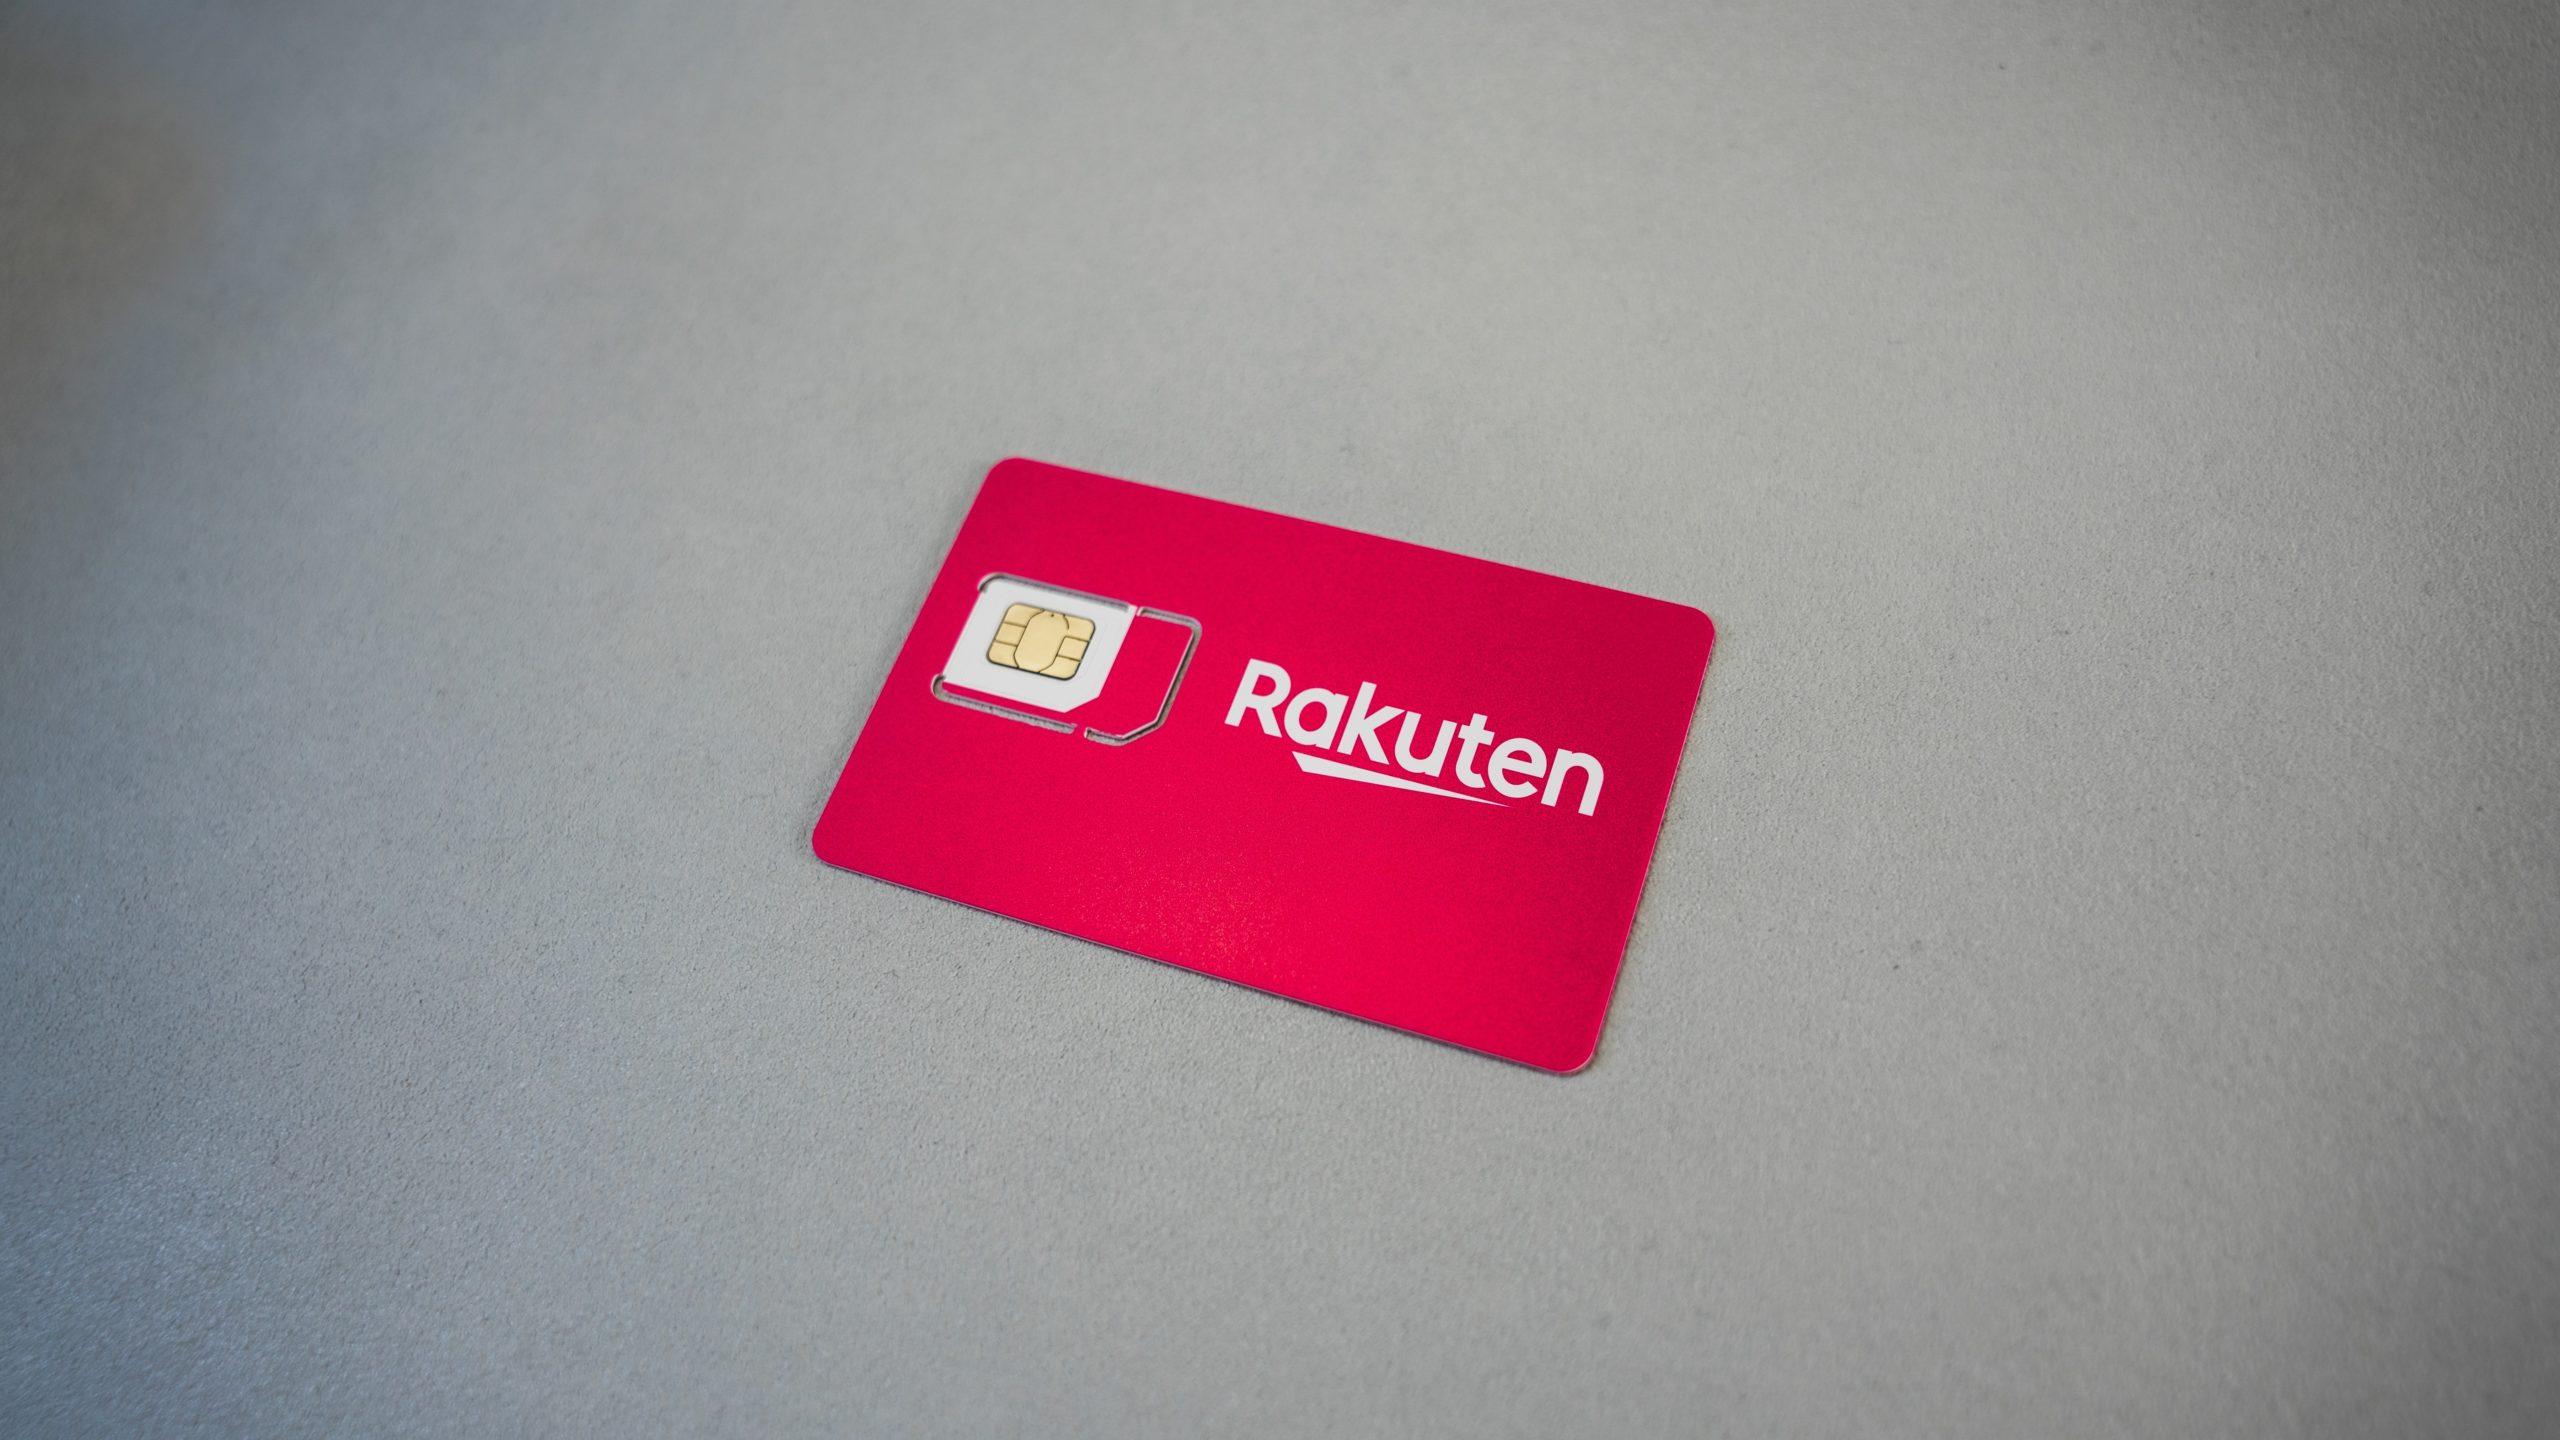 楽天からSIMカードが届いたら?:「MNP転入手続き」を忘れずに!